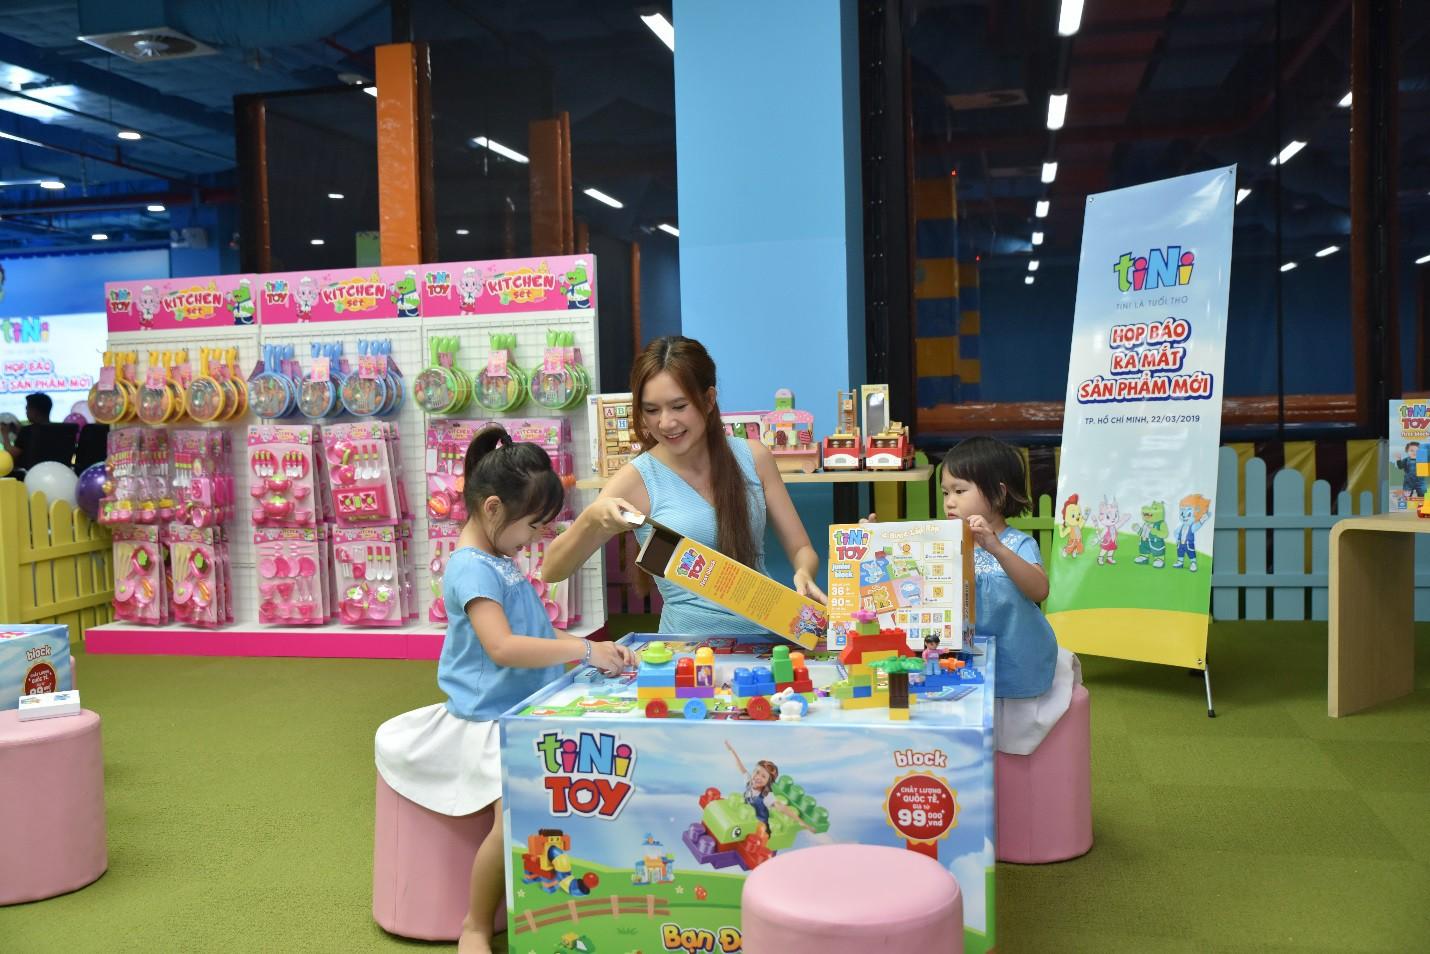 Hai con của Lý Hải, Minh Hà háo hức chơi đồ chơi khi tham dự sự kiện - Ảnh 3.